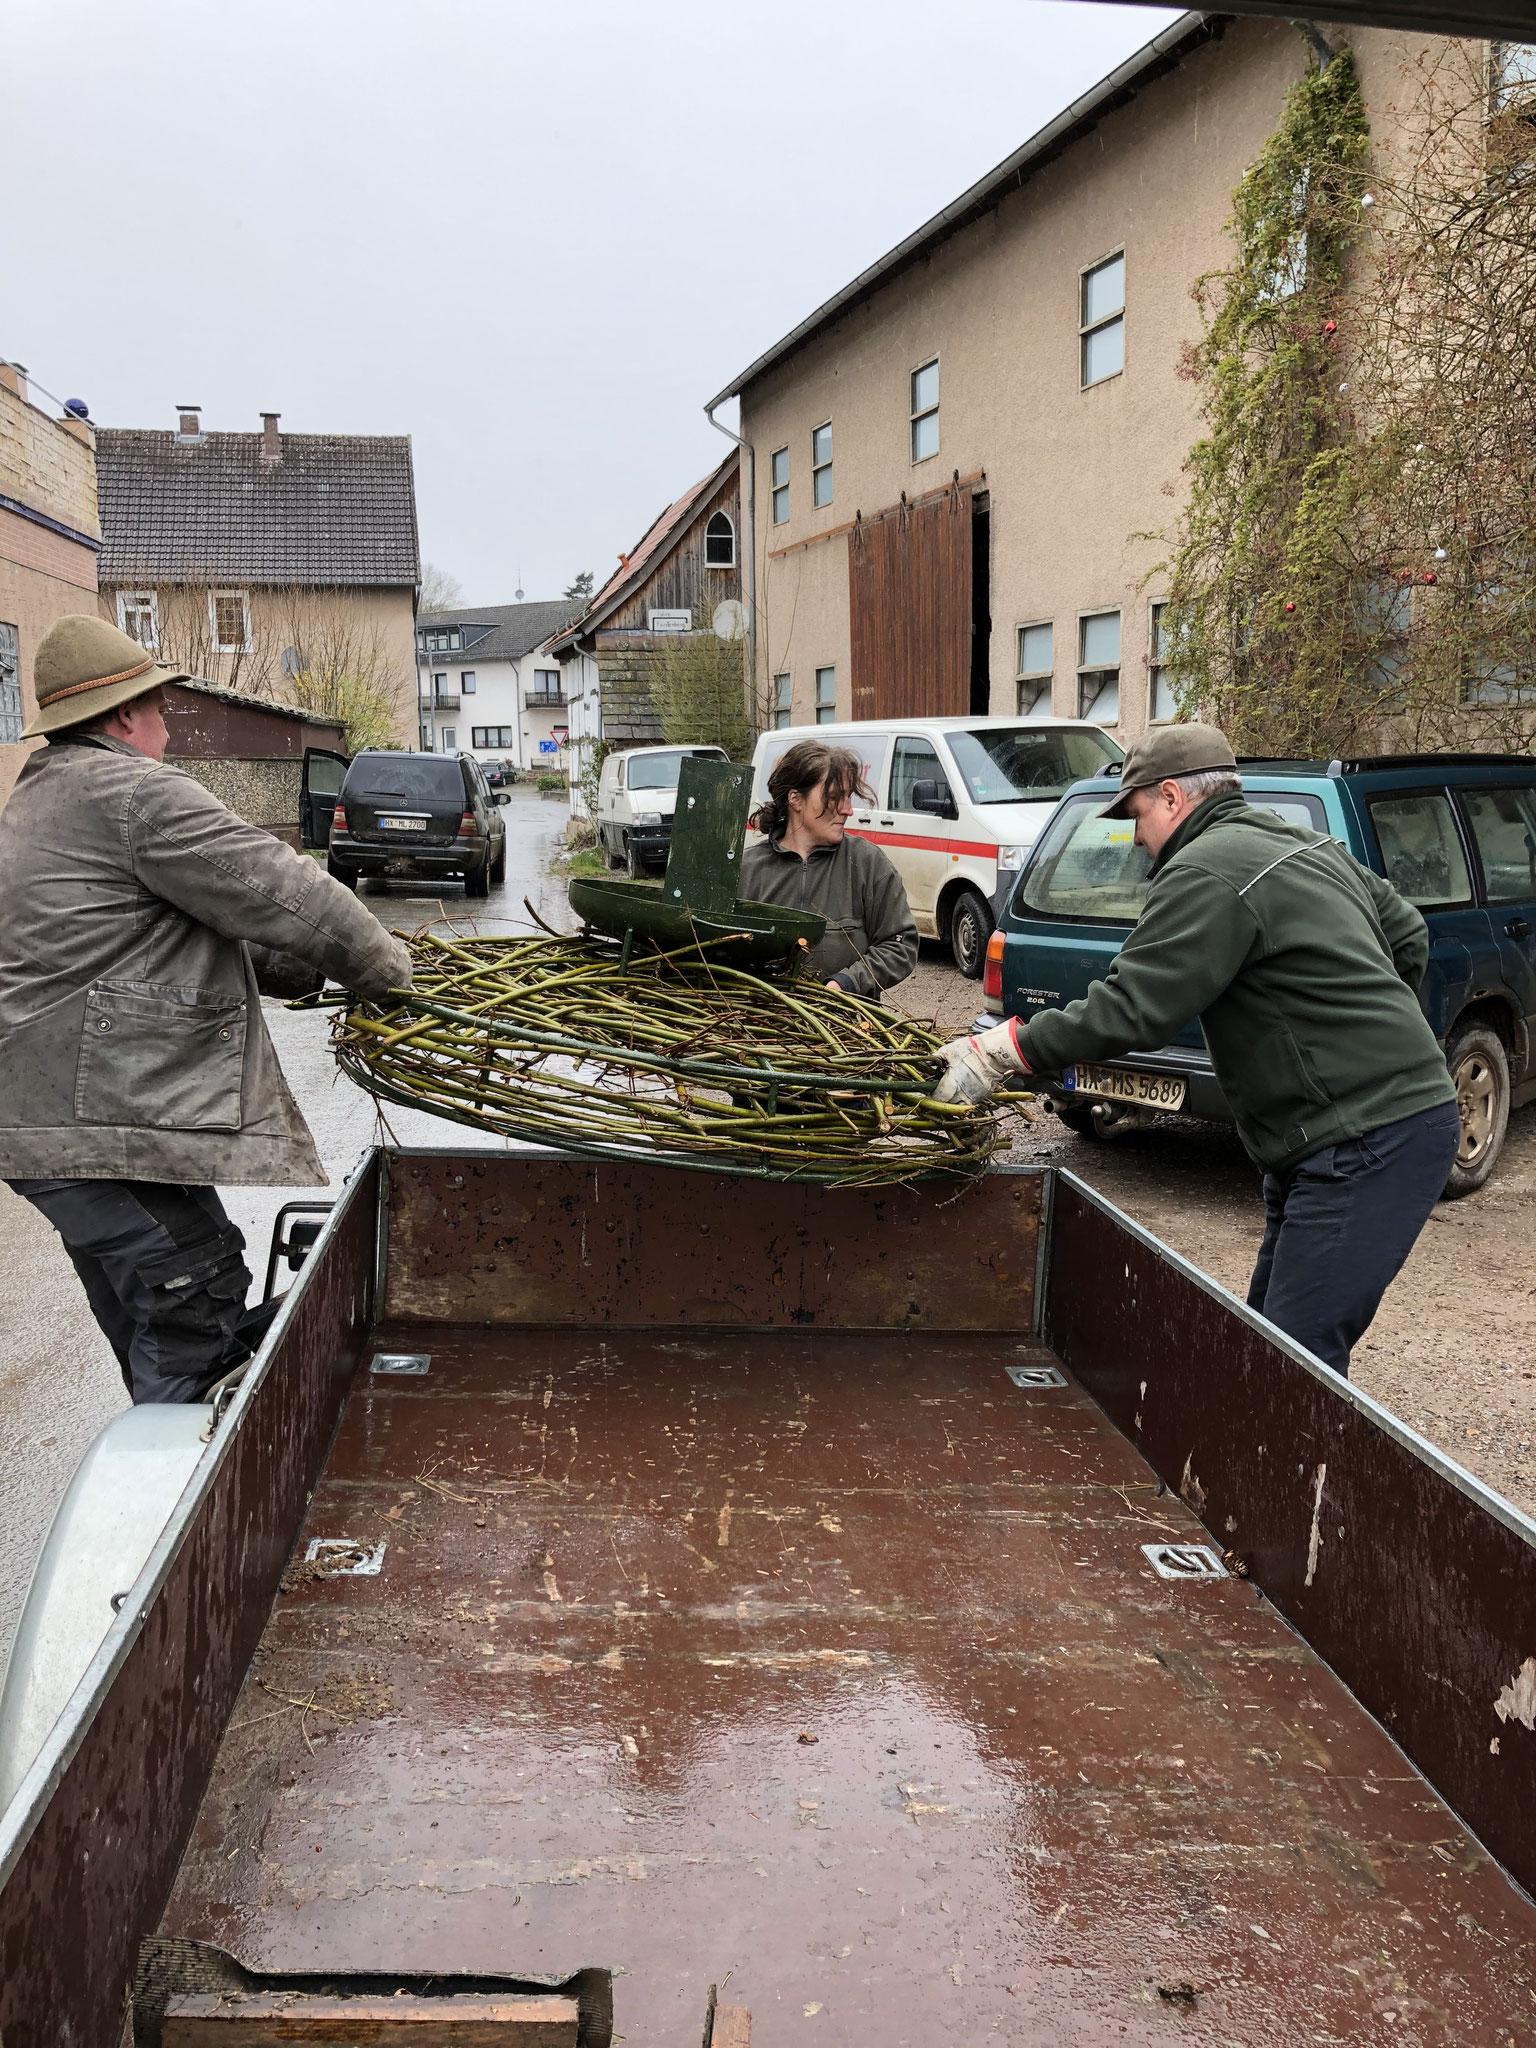 Abladen des Storchennestes in Wehrden bei Familie Schrick, auf dessen Land das Nest zwischen Wehrden und Blankenau an der Weser errichtet wurde.